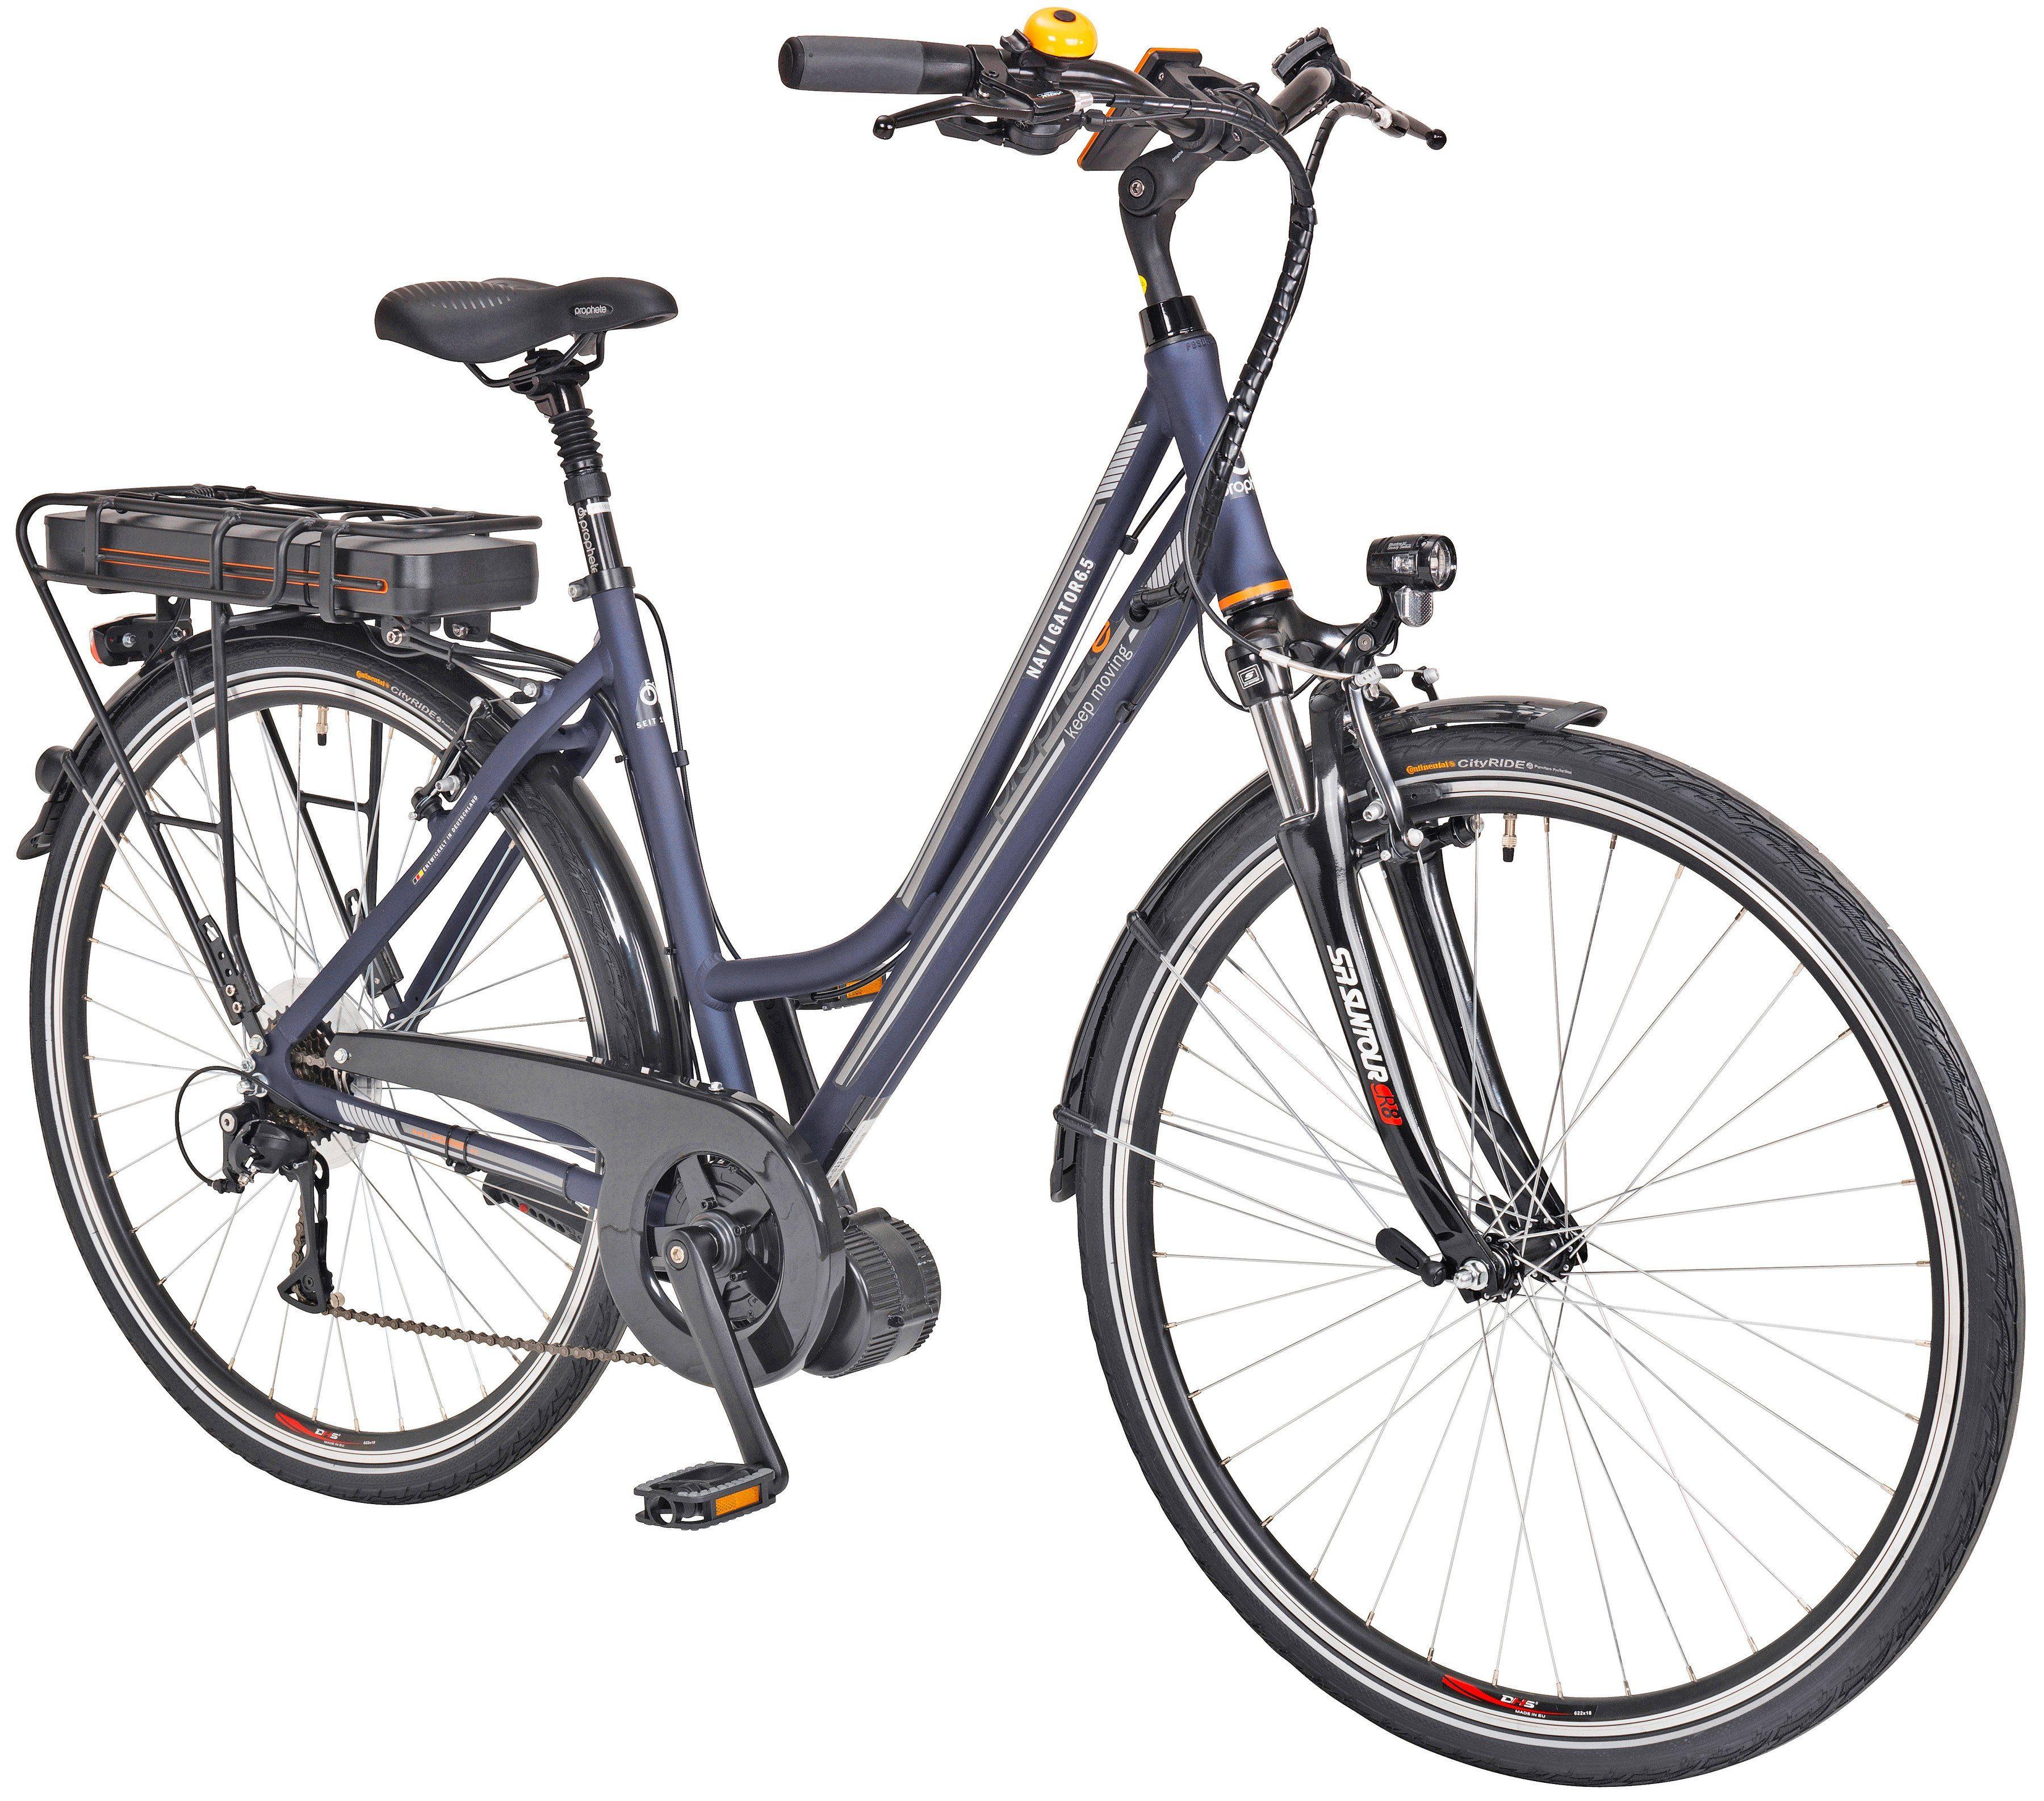 Prophete E-Bike Trekking Damen »Navigator 6.5«, 28 Zoll, 8 Gang, Mittelmotor, 468 Wh